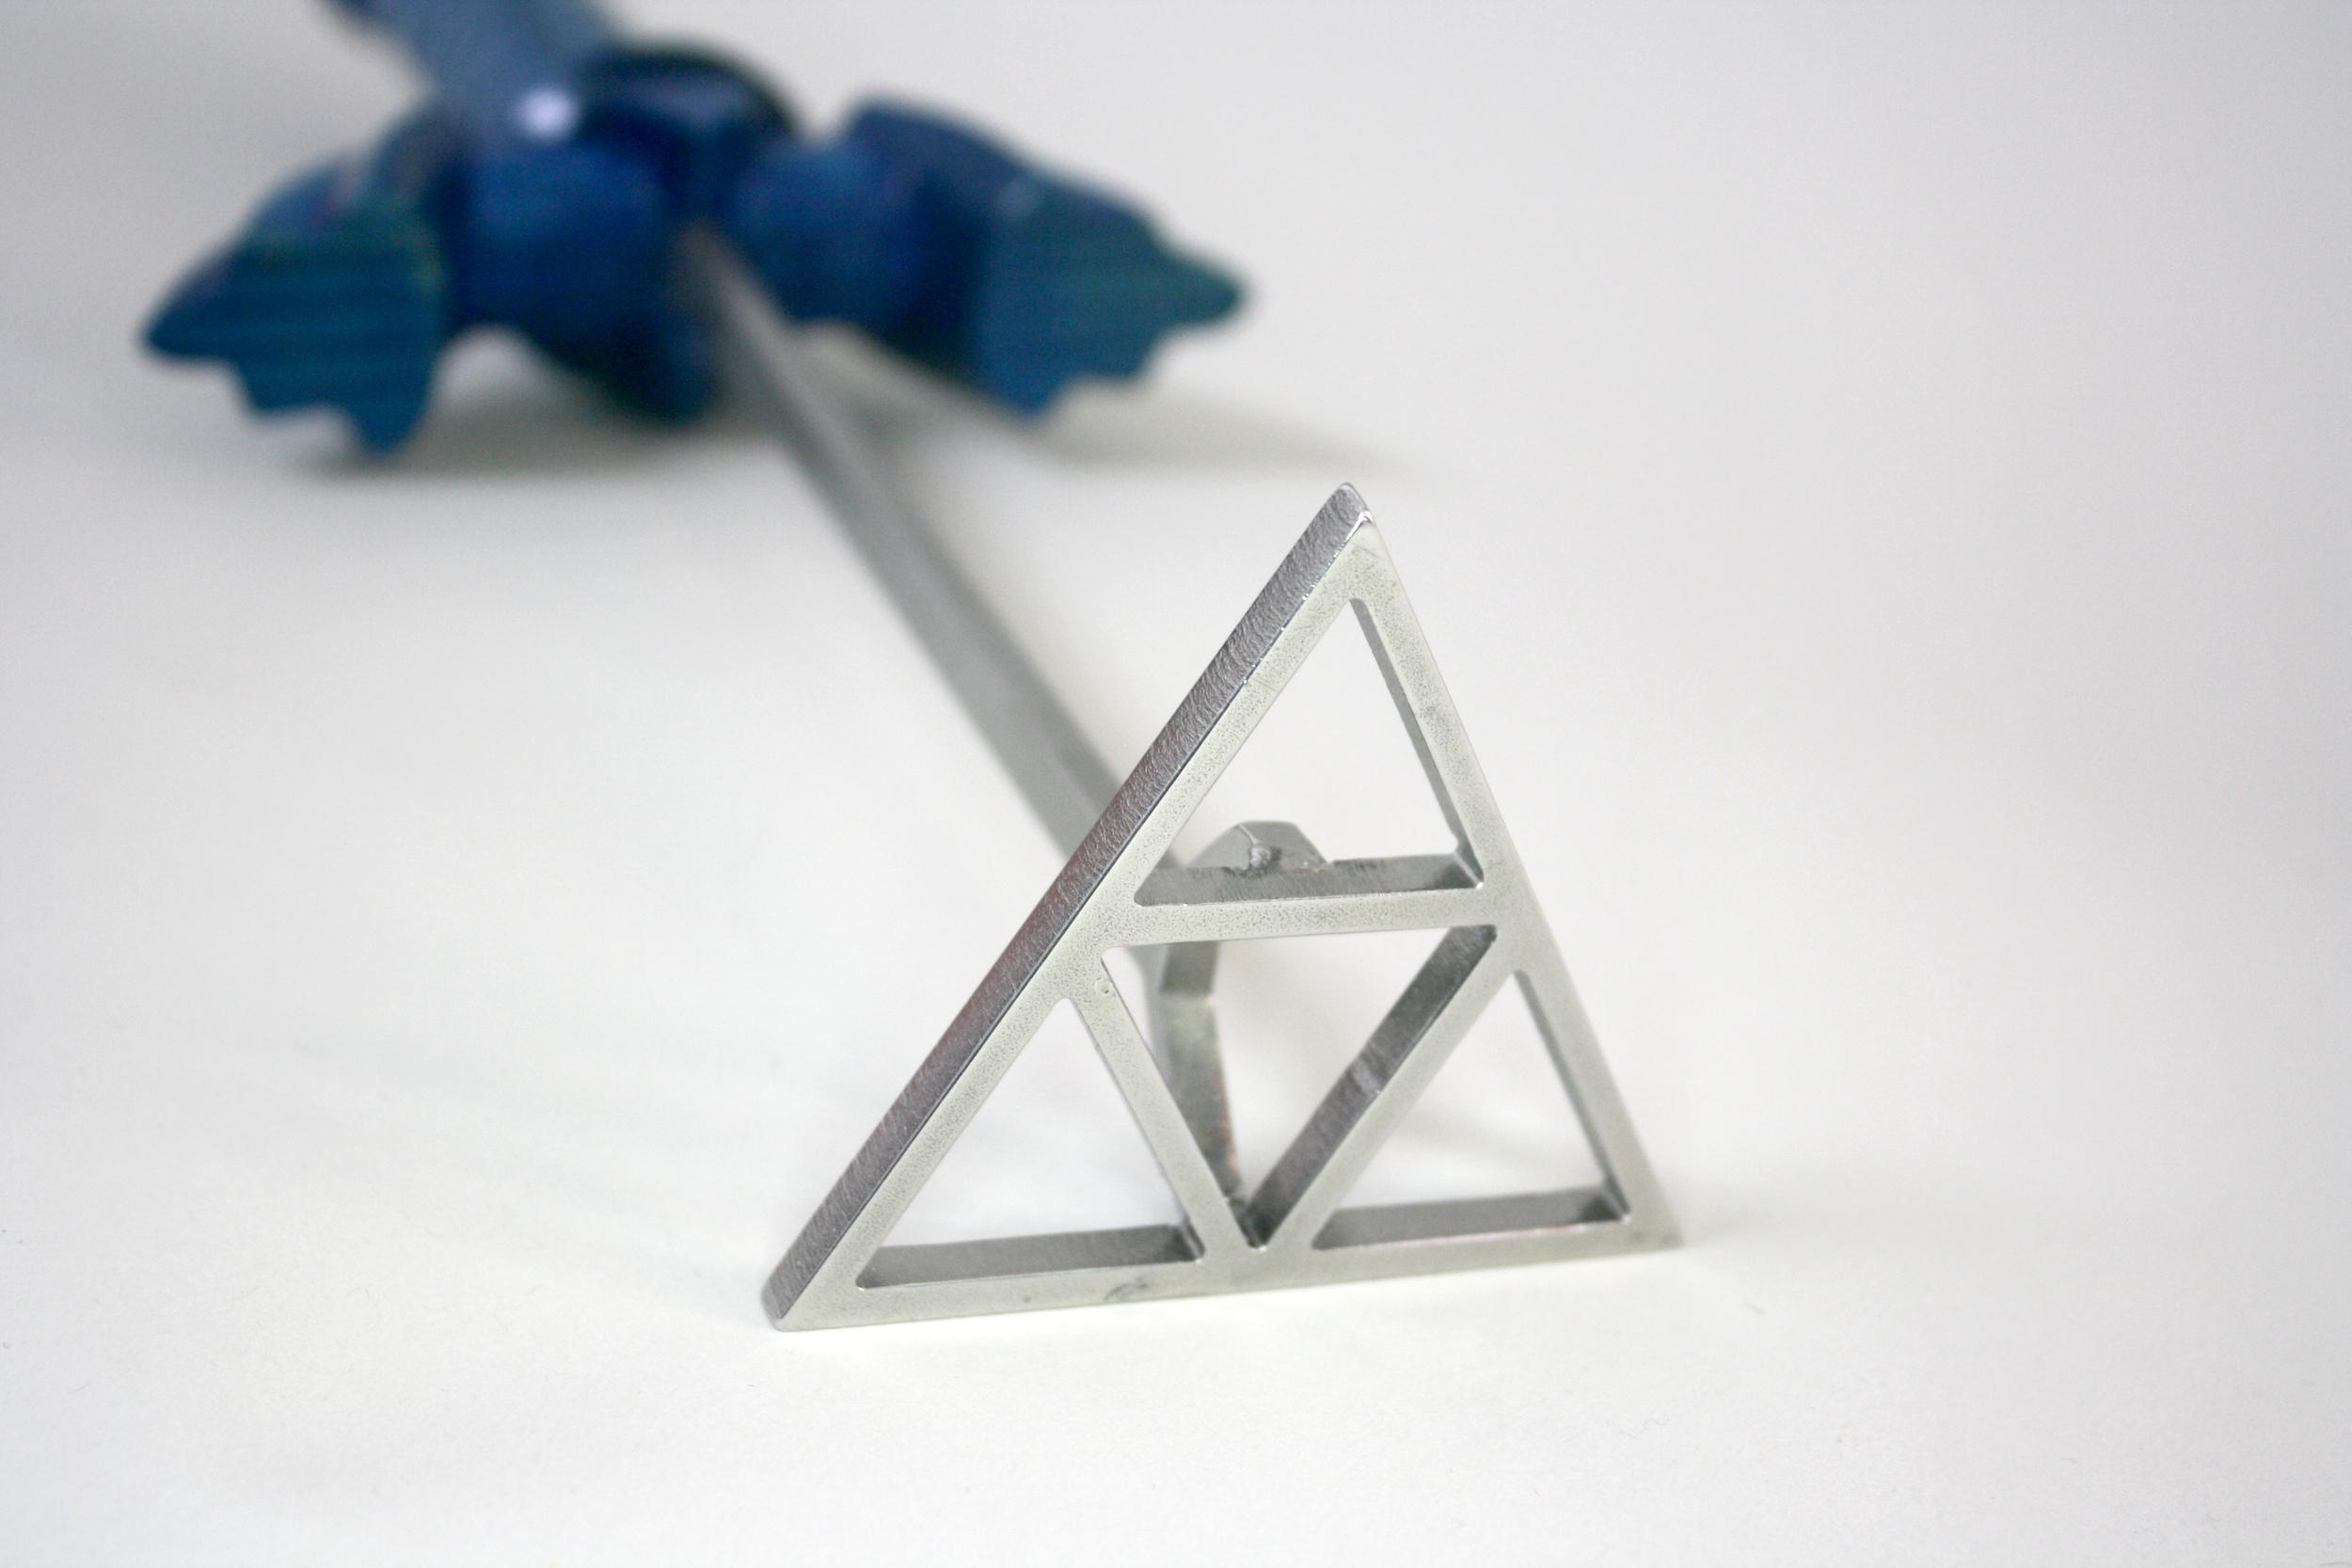 Triforce Brand Face CU.jpg